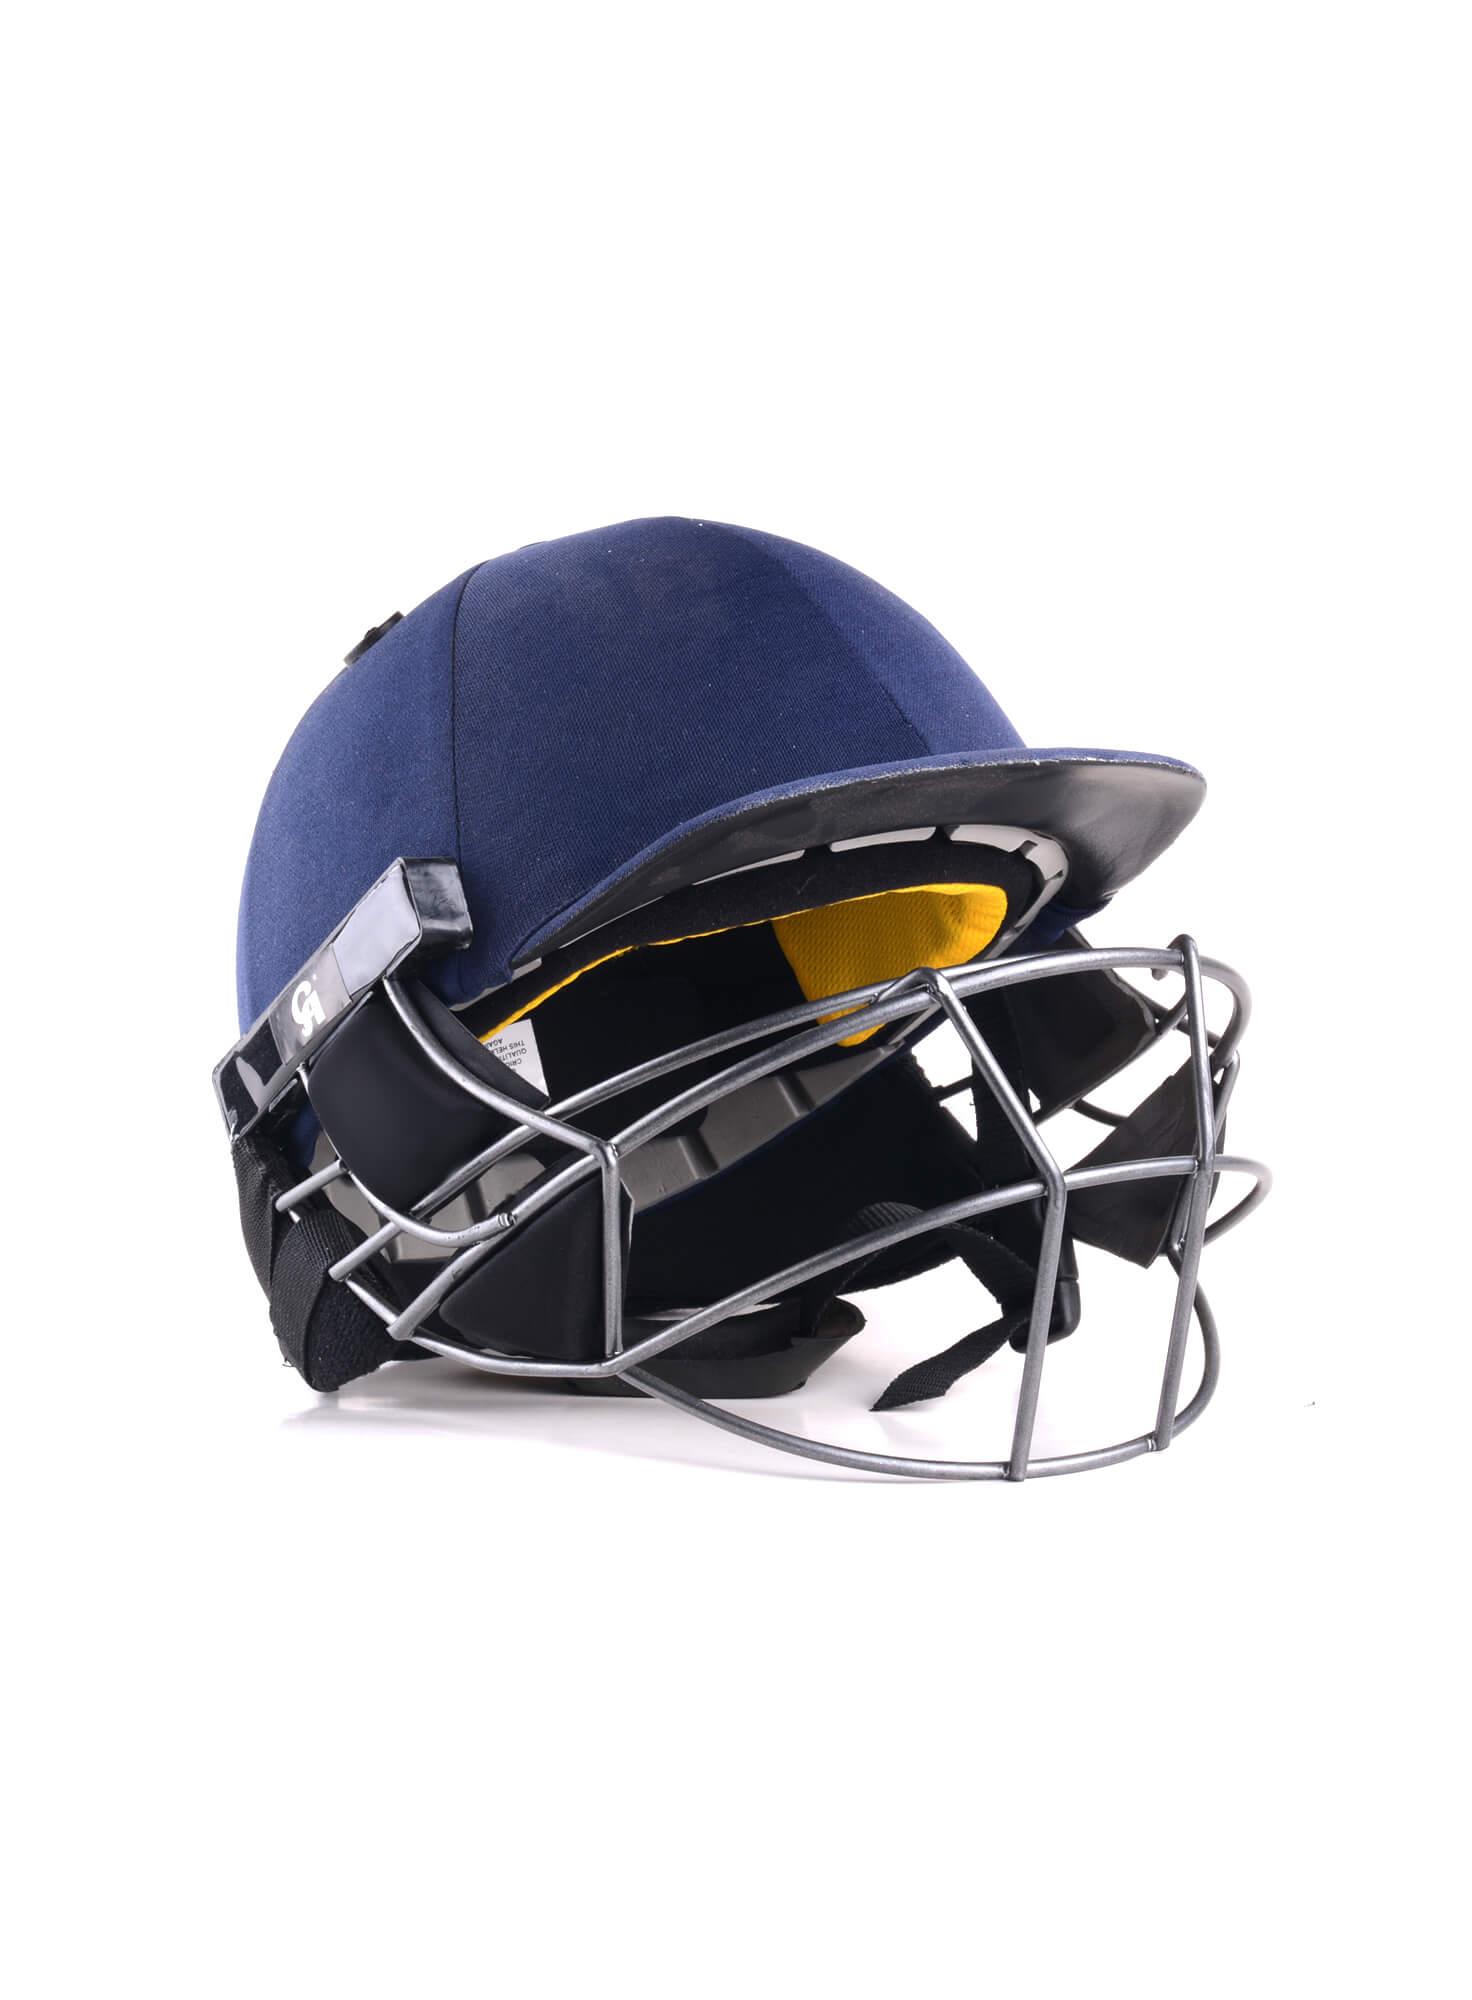 helmet, cricket helmet